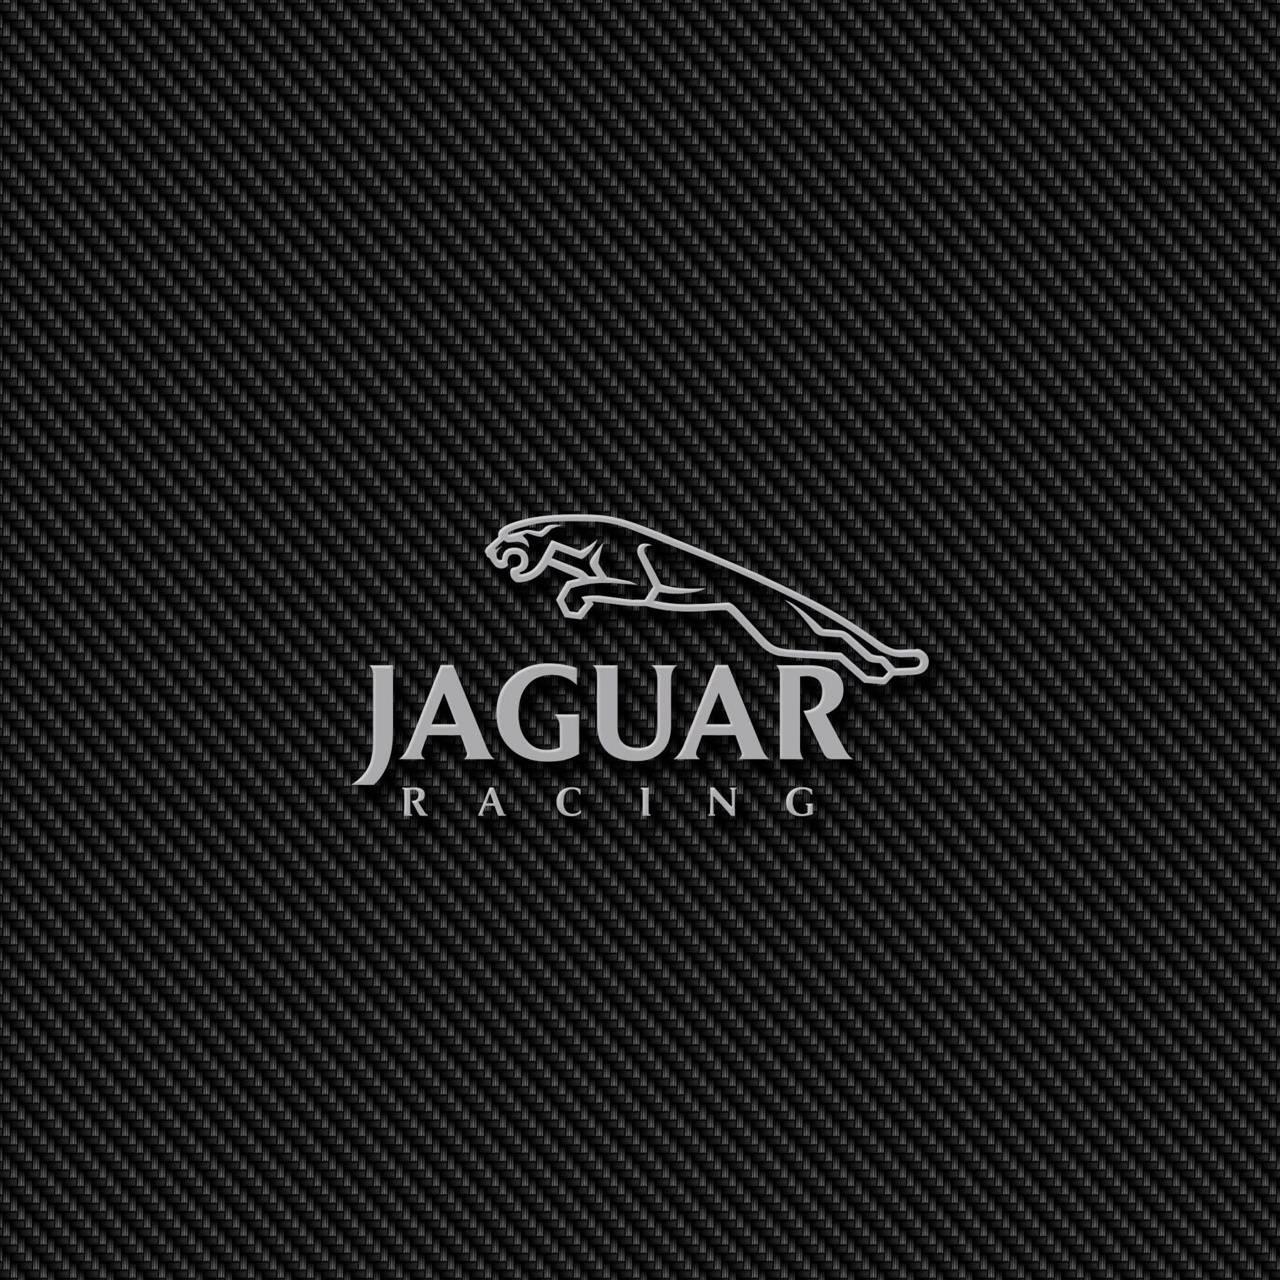 Jaguar Racing Carbon